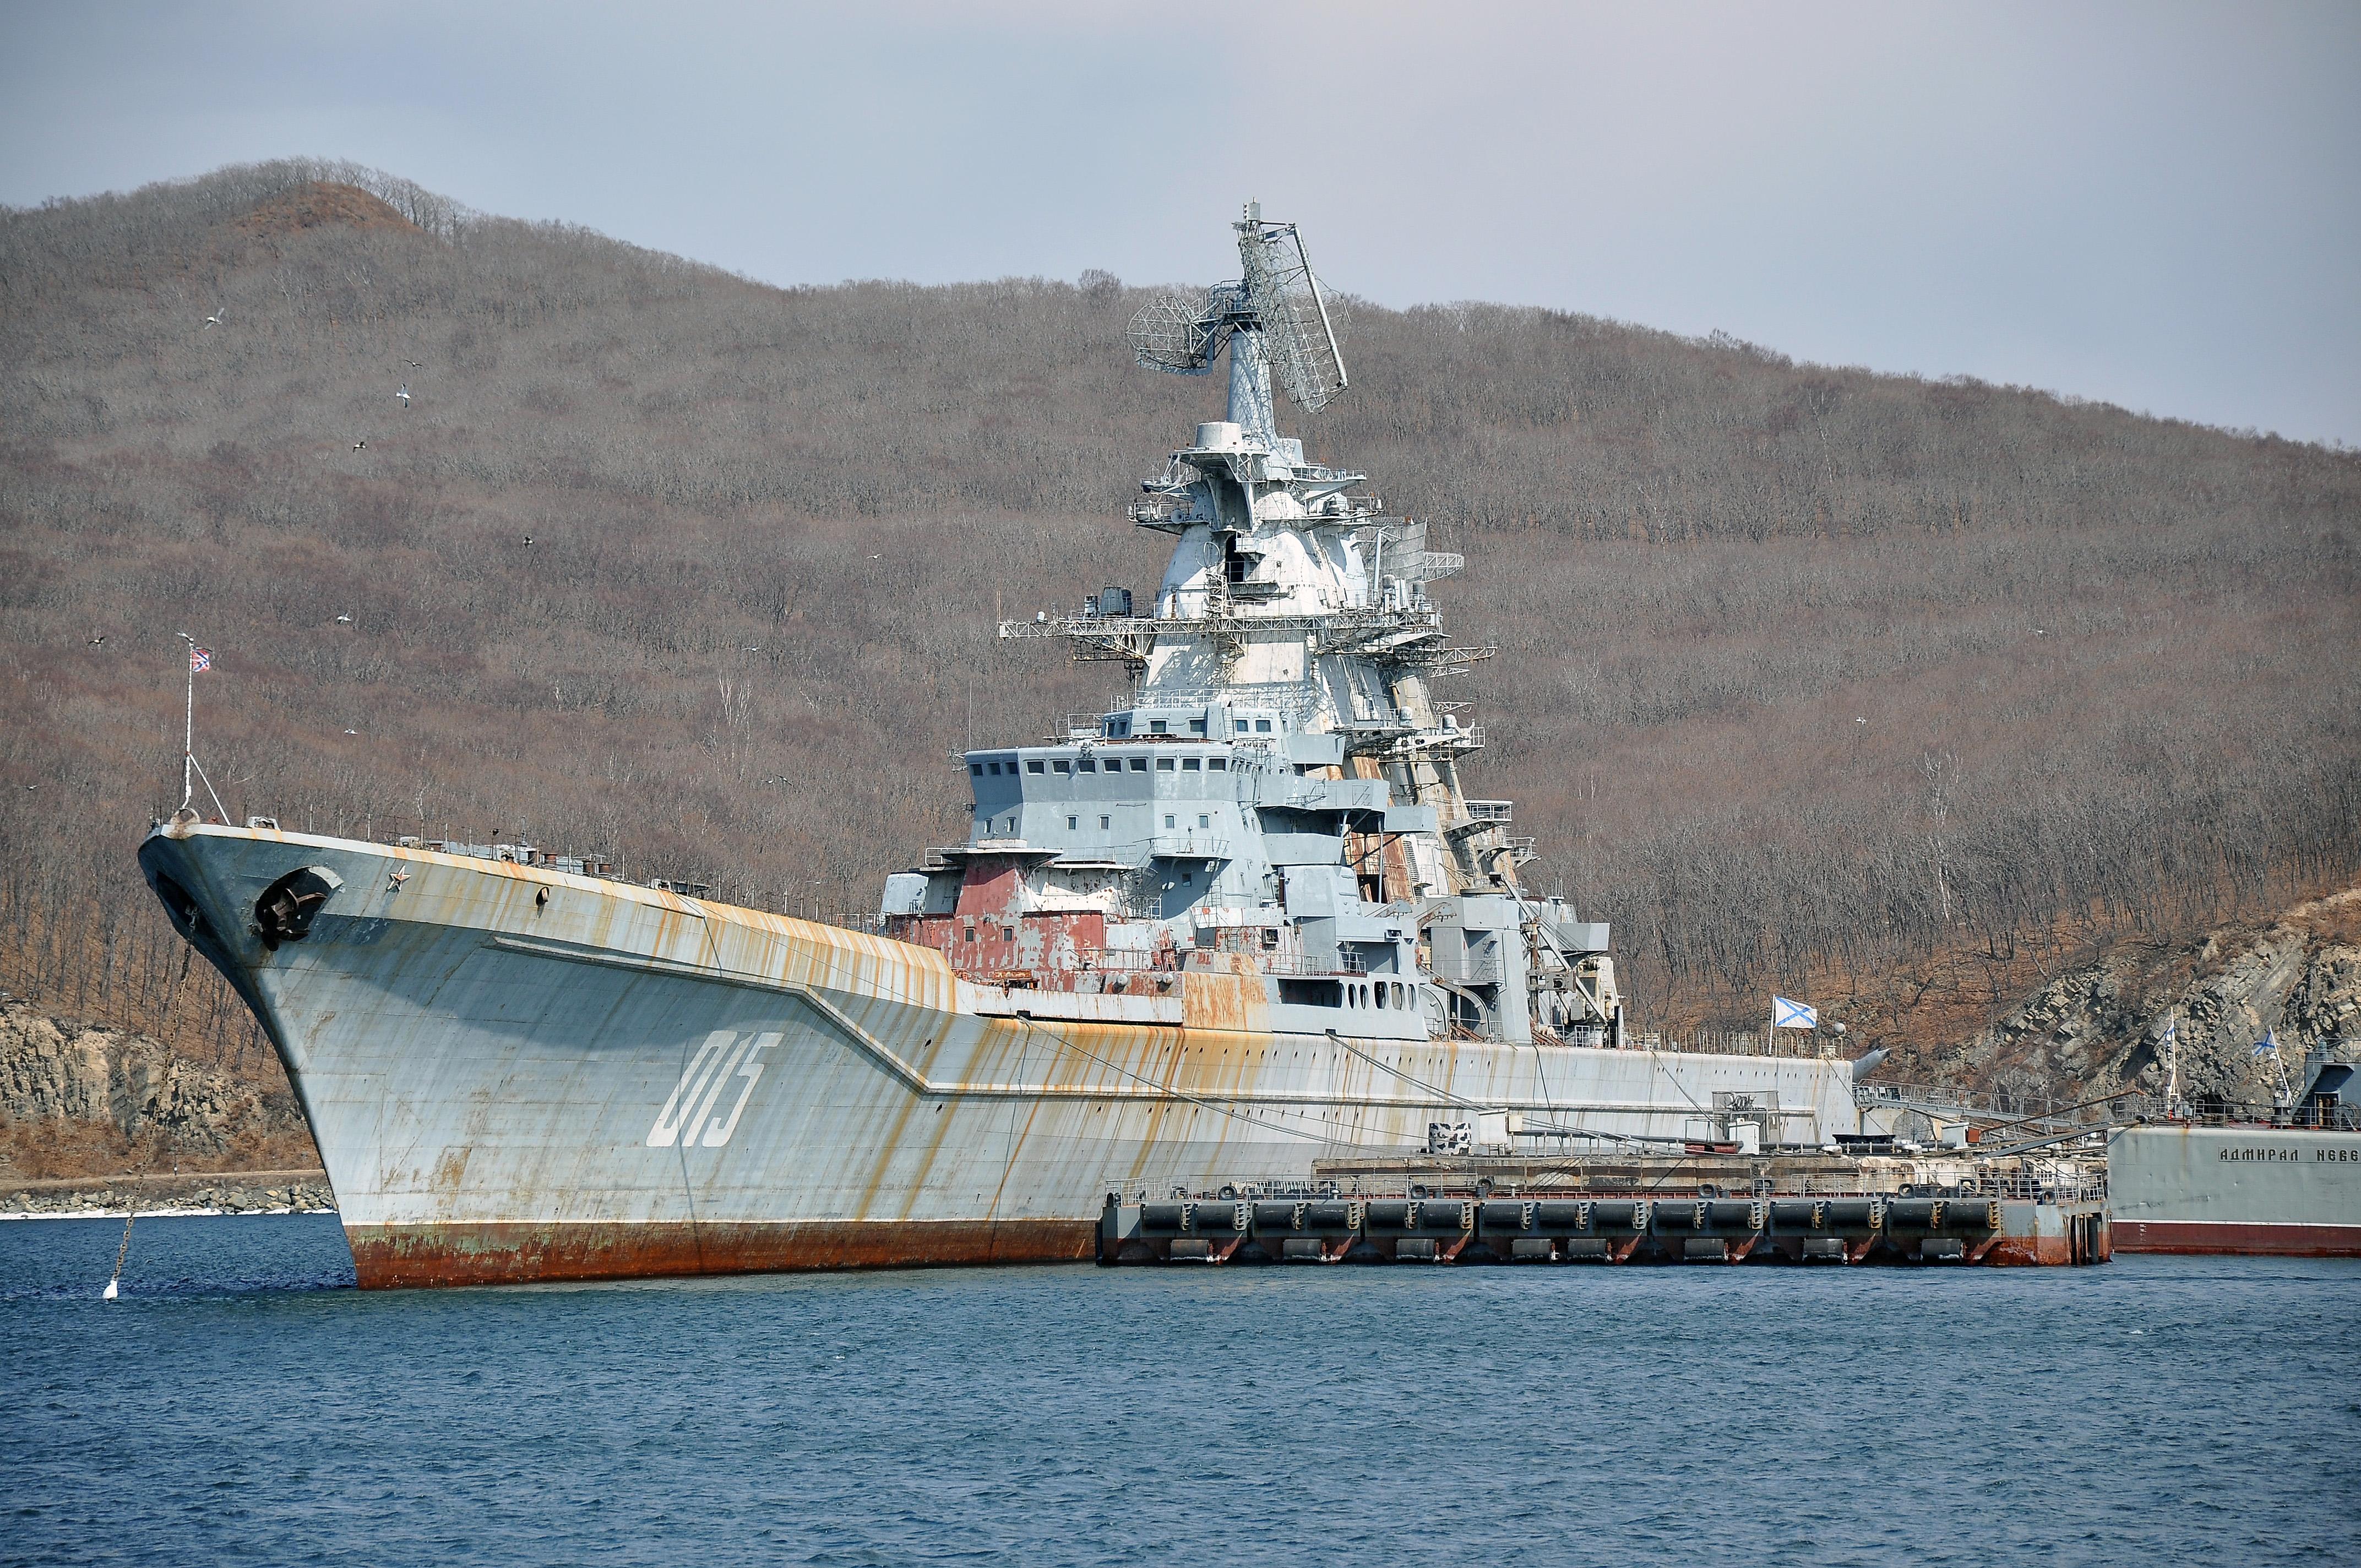 тарк адмирал нахимов